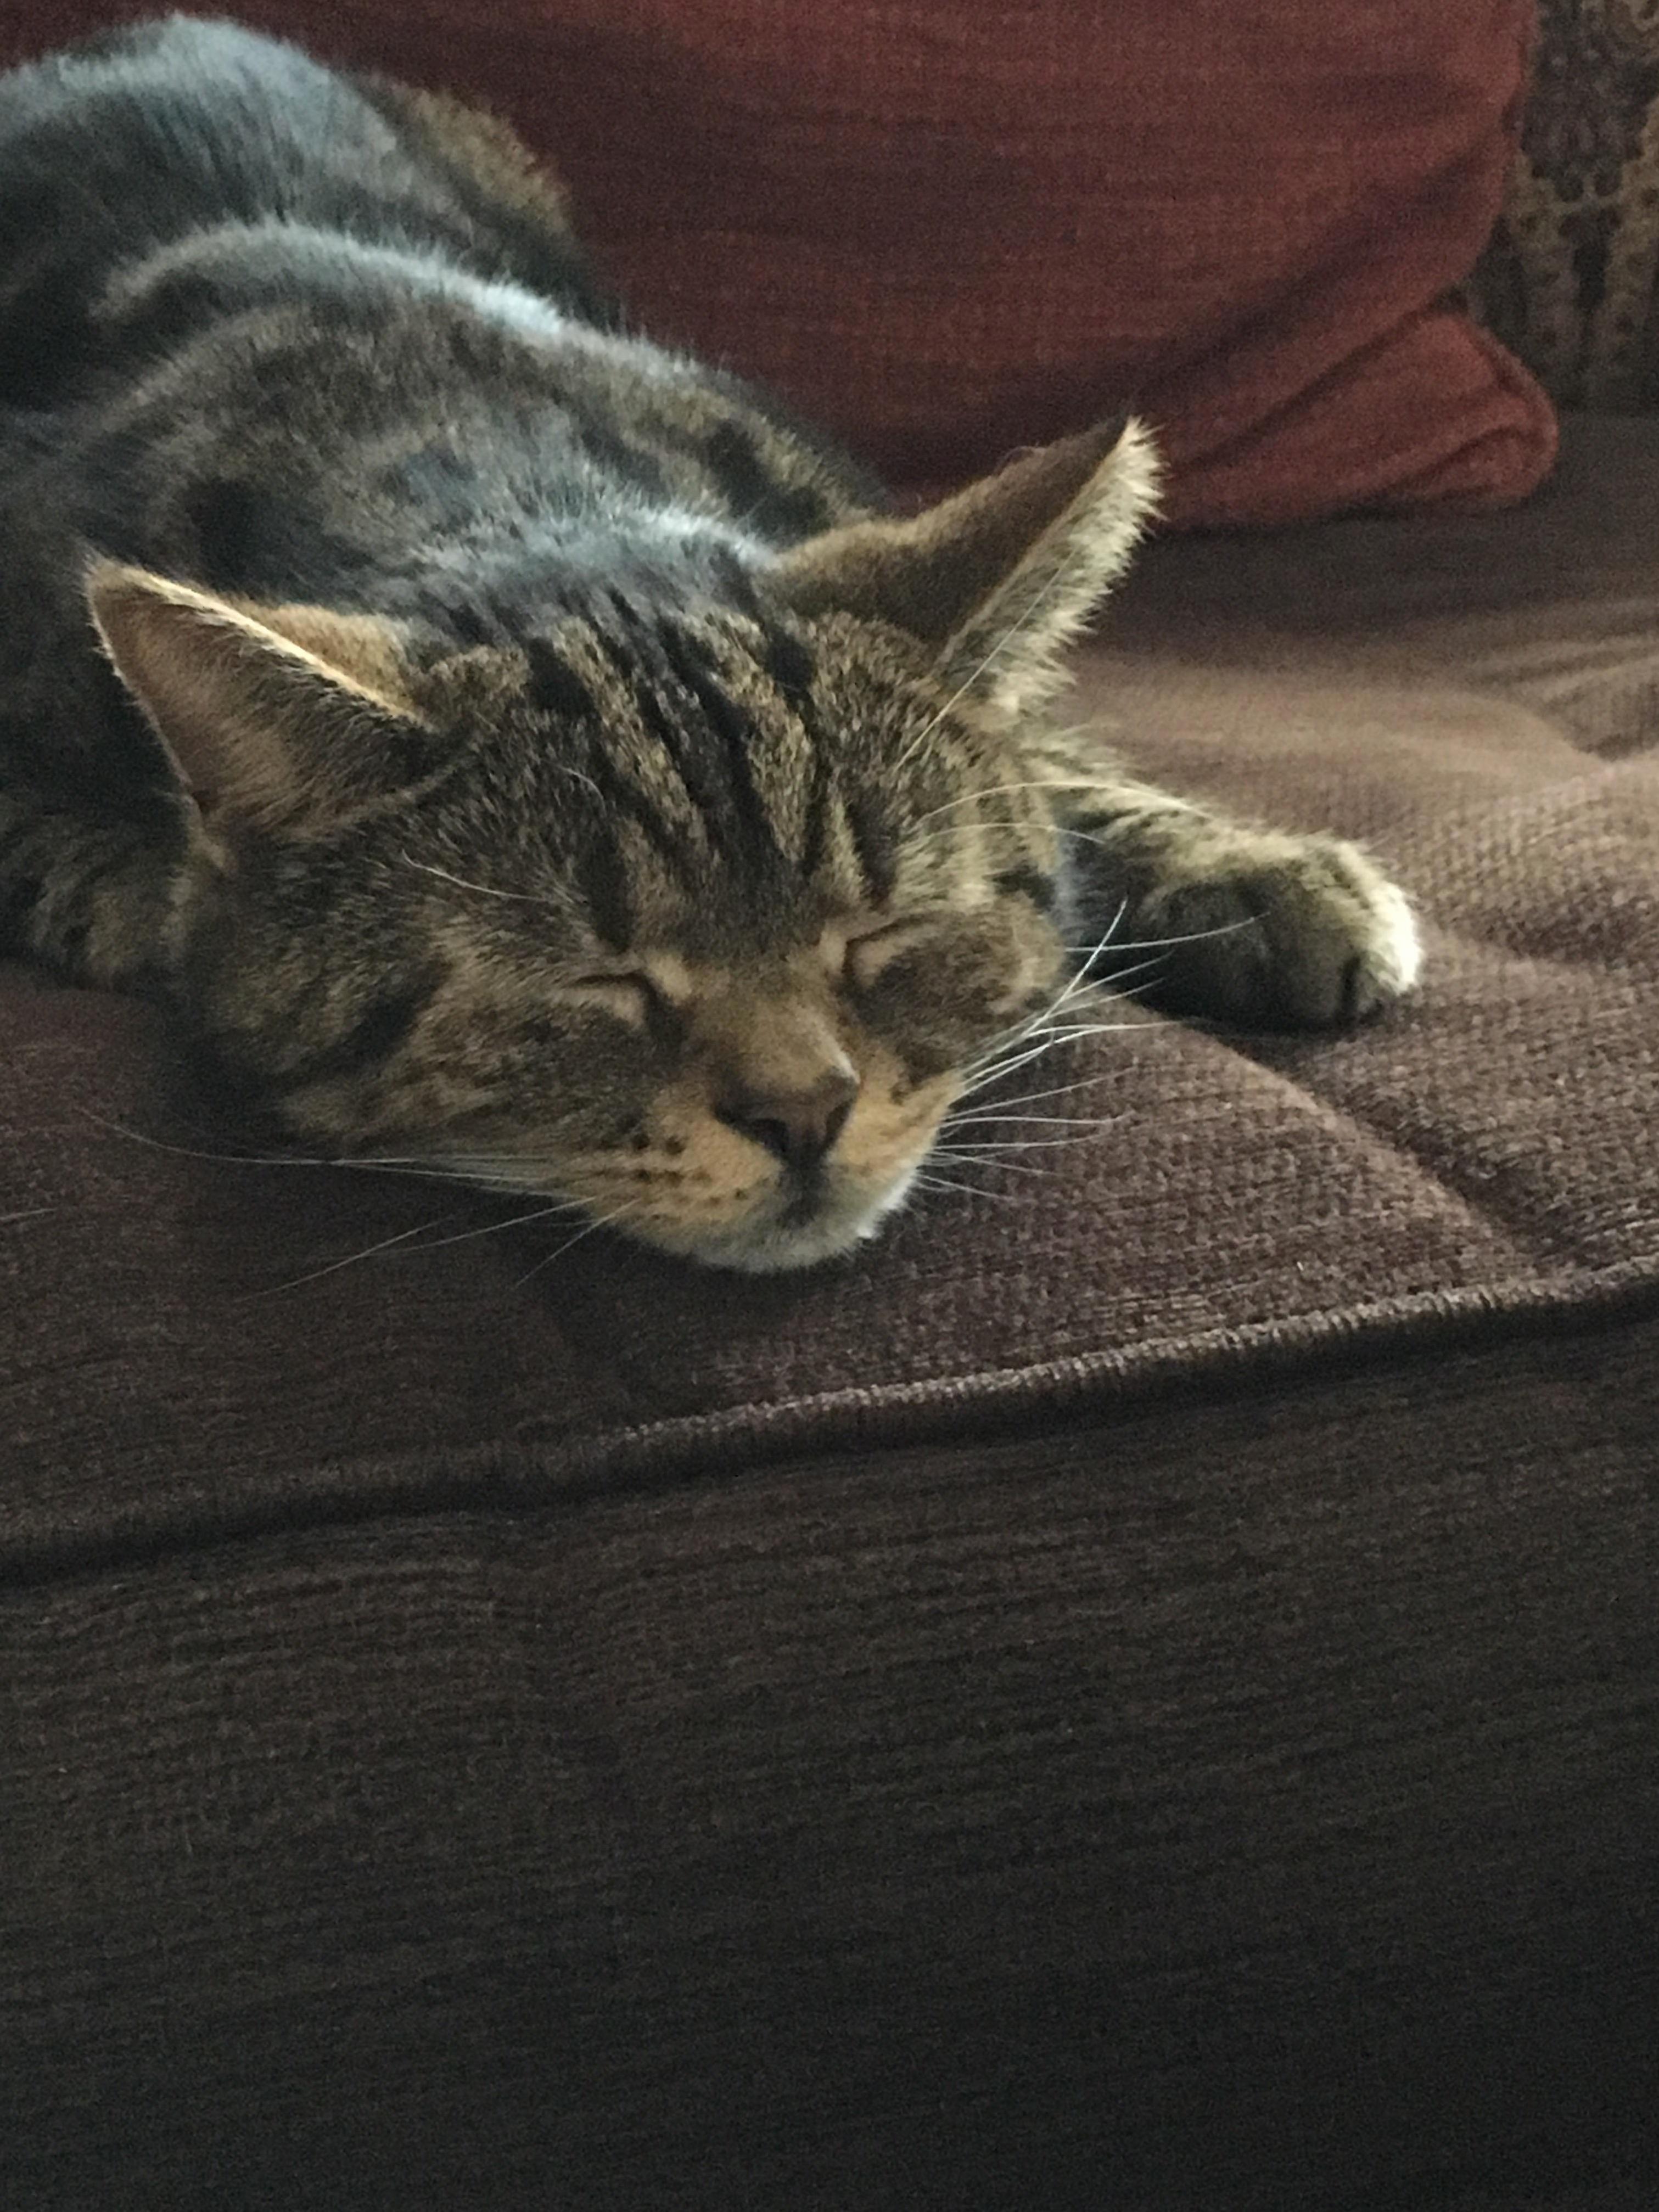 Sleepy tigger